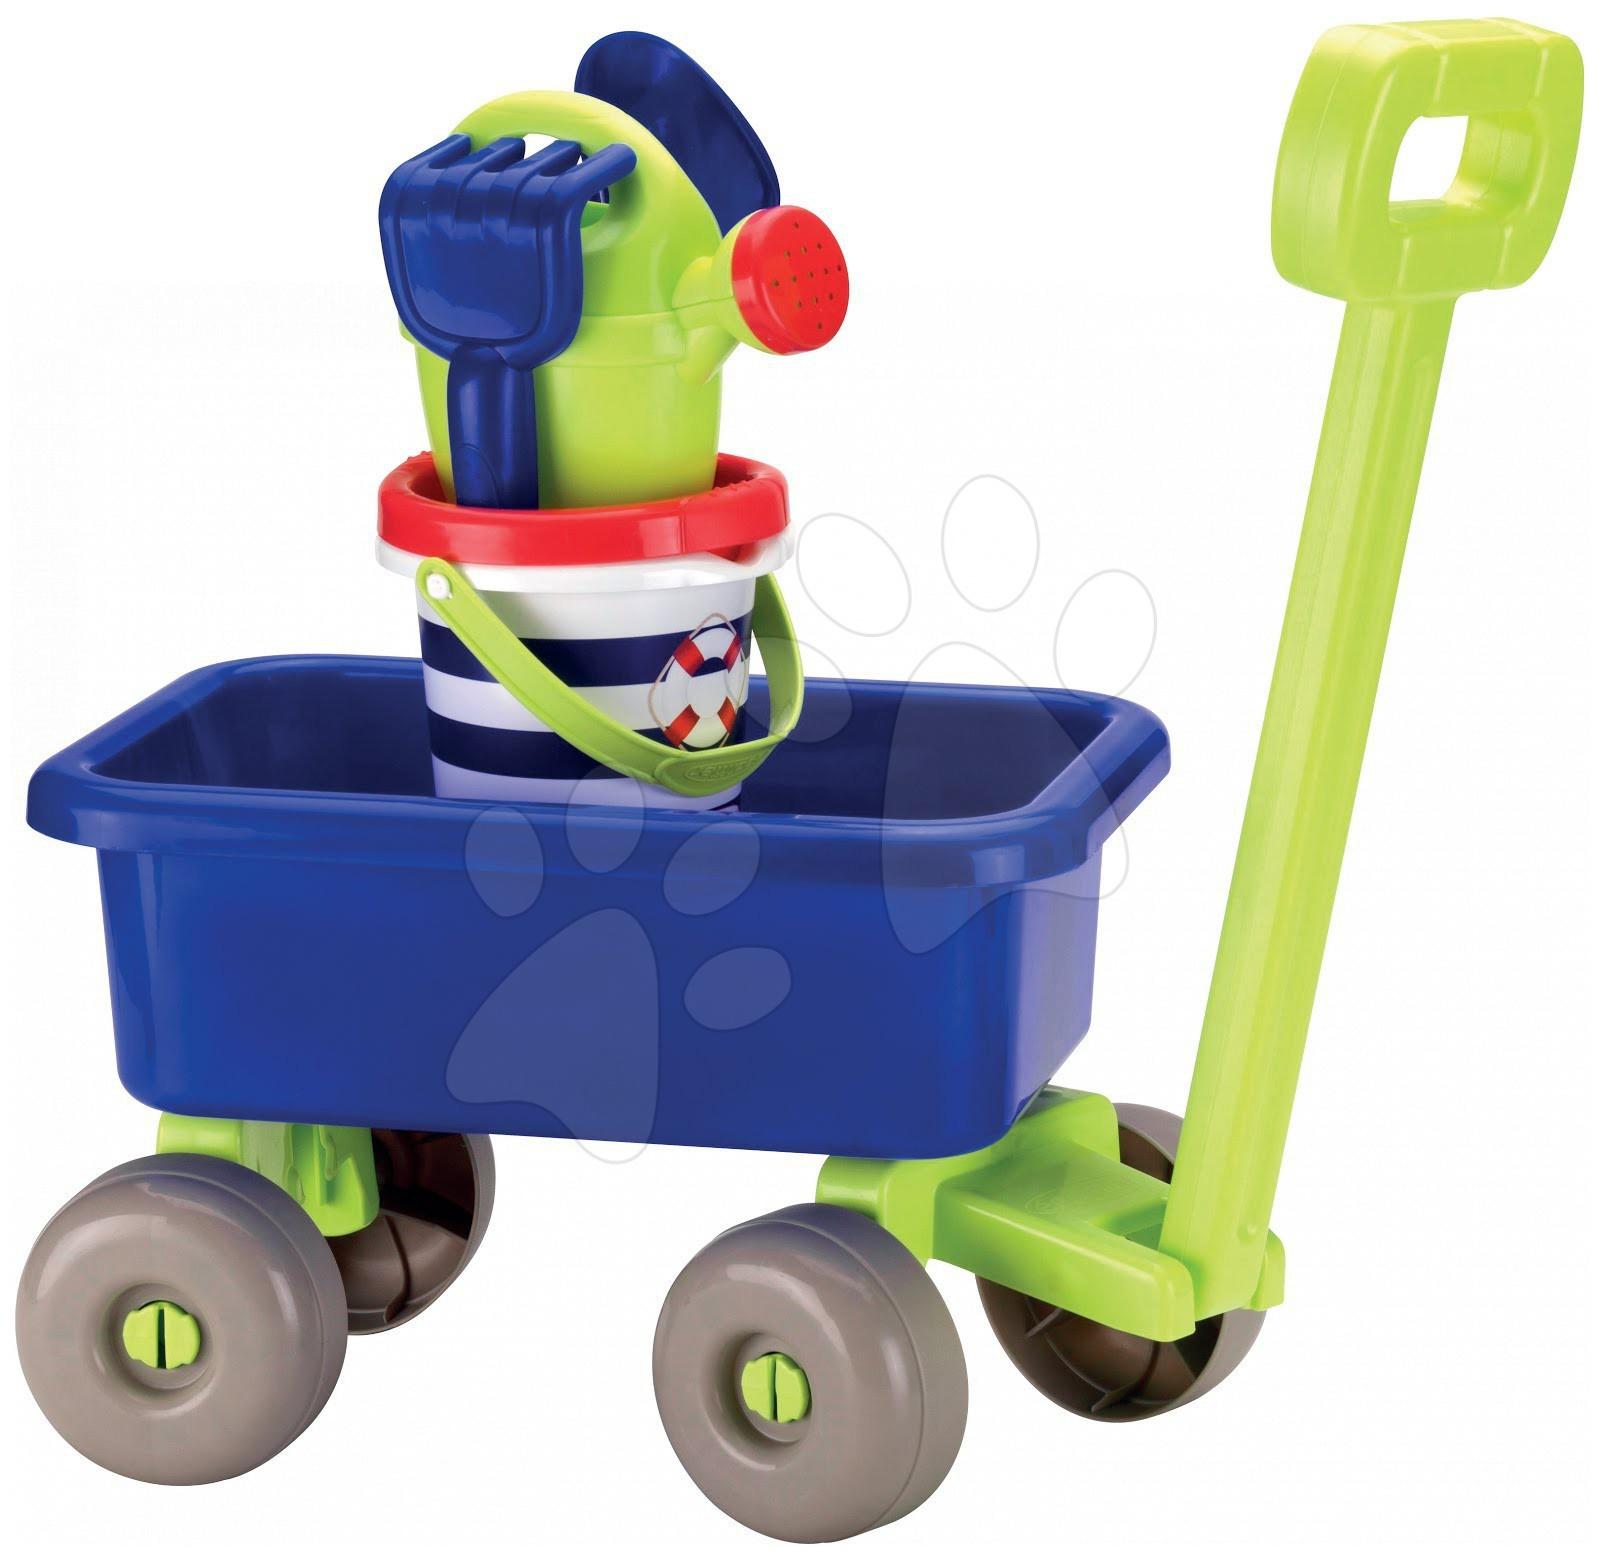 Staré položky - Vozík na tahání Námořník se setem hraček Écoiffier od 18 měsíců